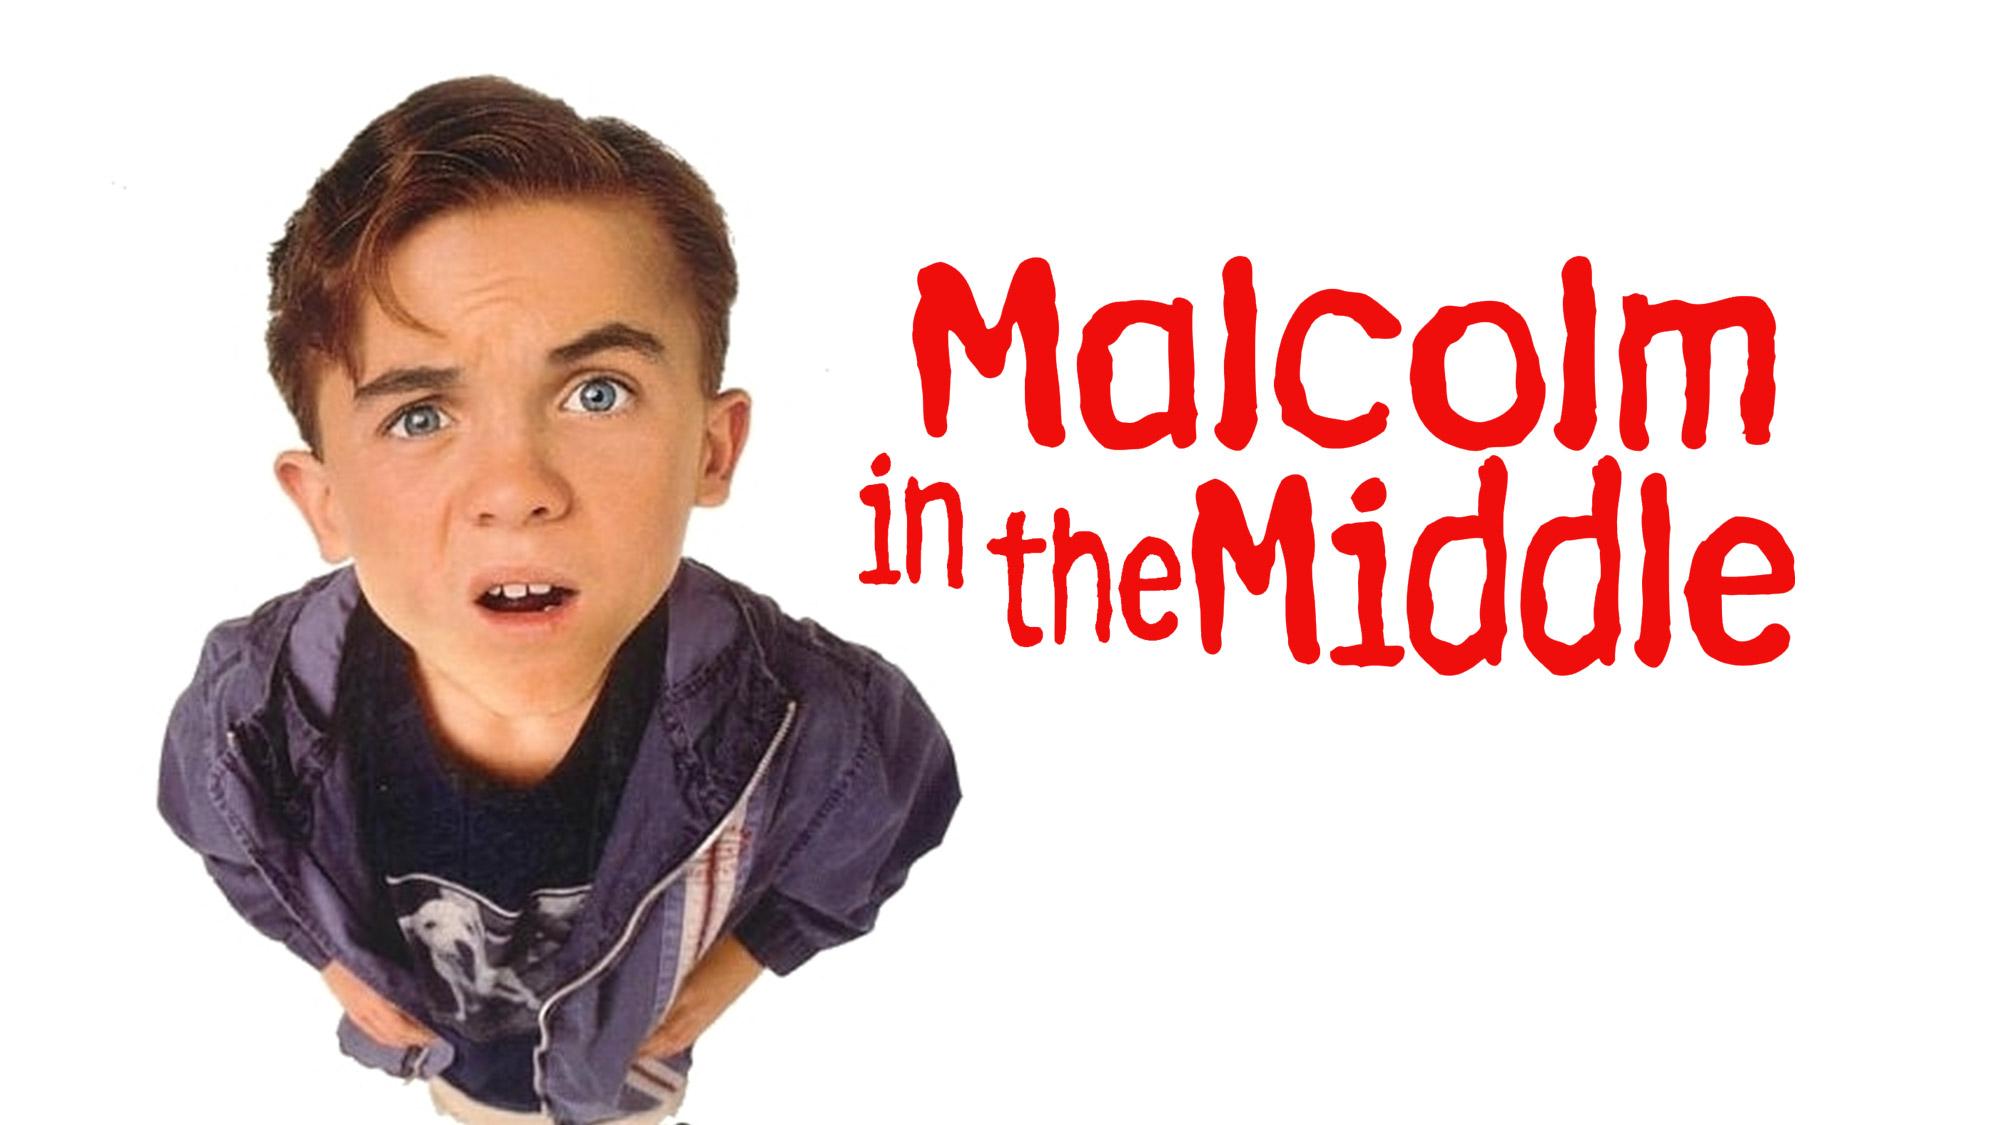 Promo anglaise du coffret <em>Malcolm</em>